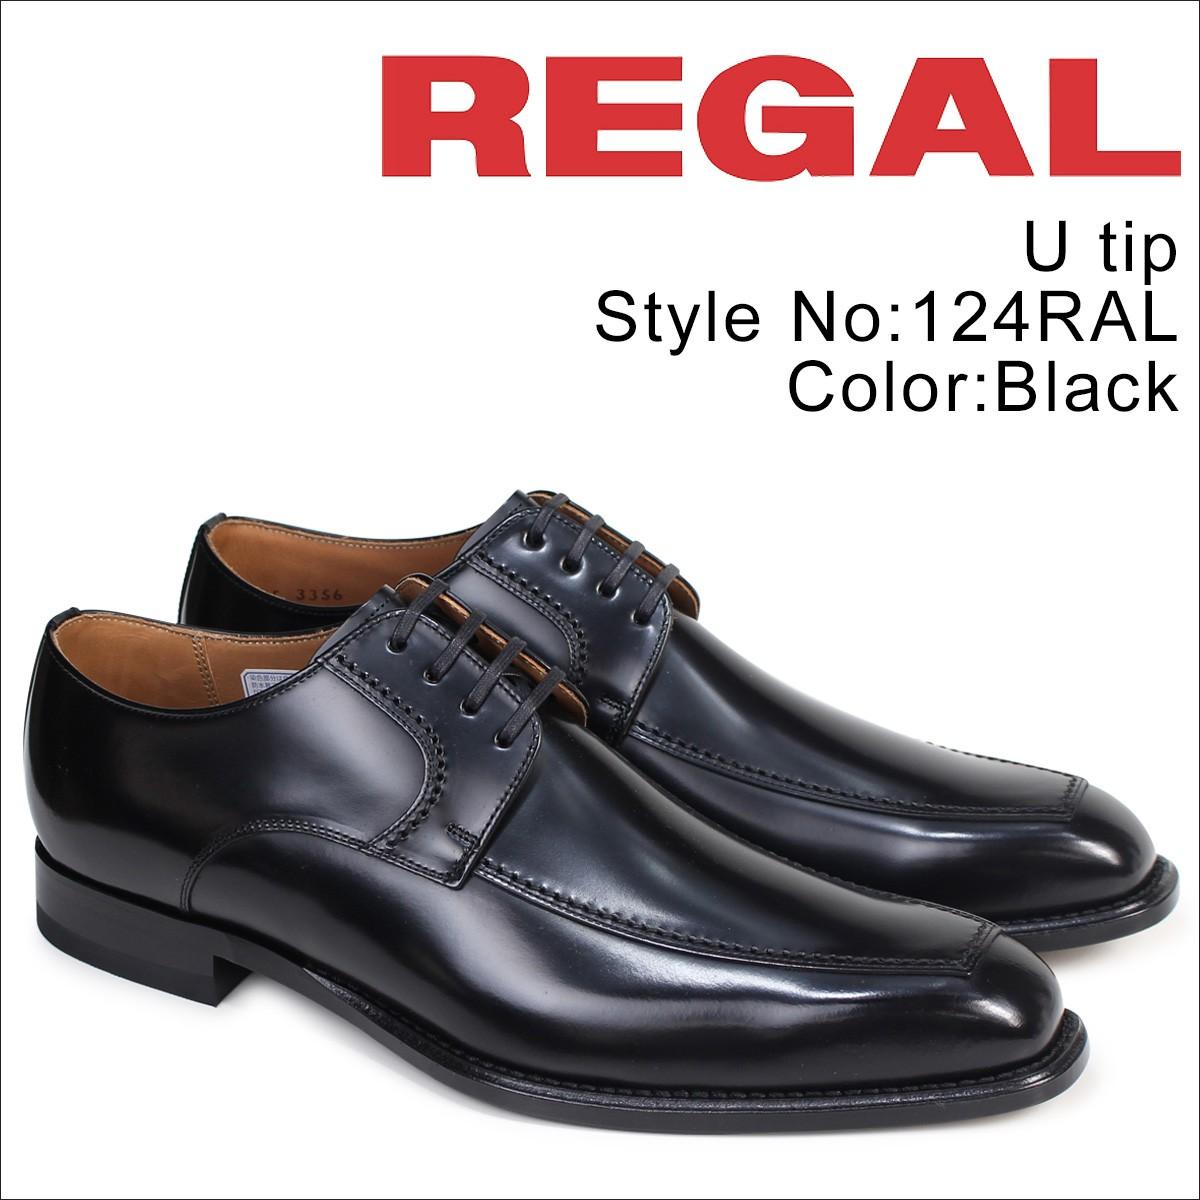 リーガル 靴 メンズ REGAL スクエアトゥ 124RAL ビジネスシューズ ブラック [1/13 追加入荷]